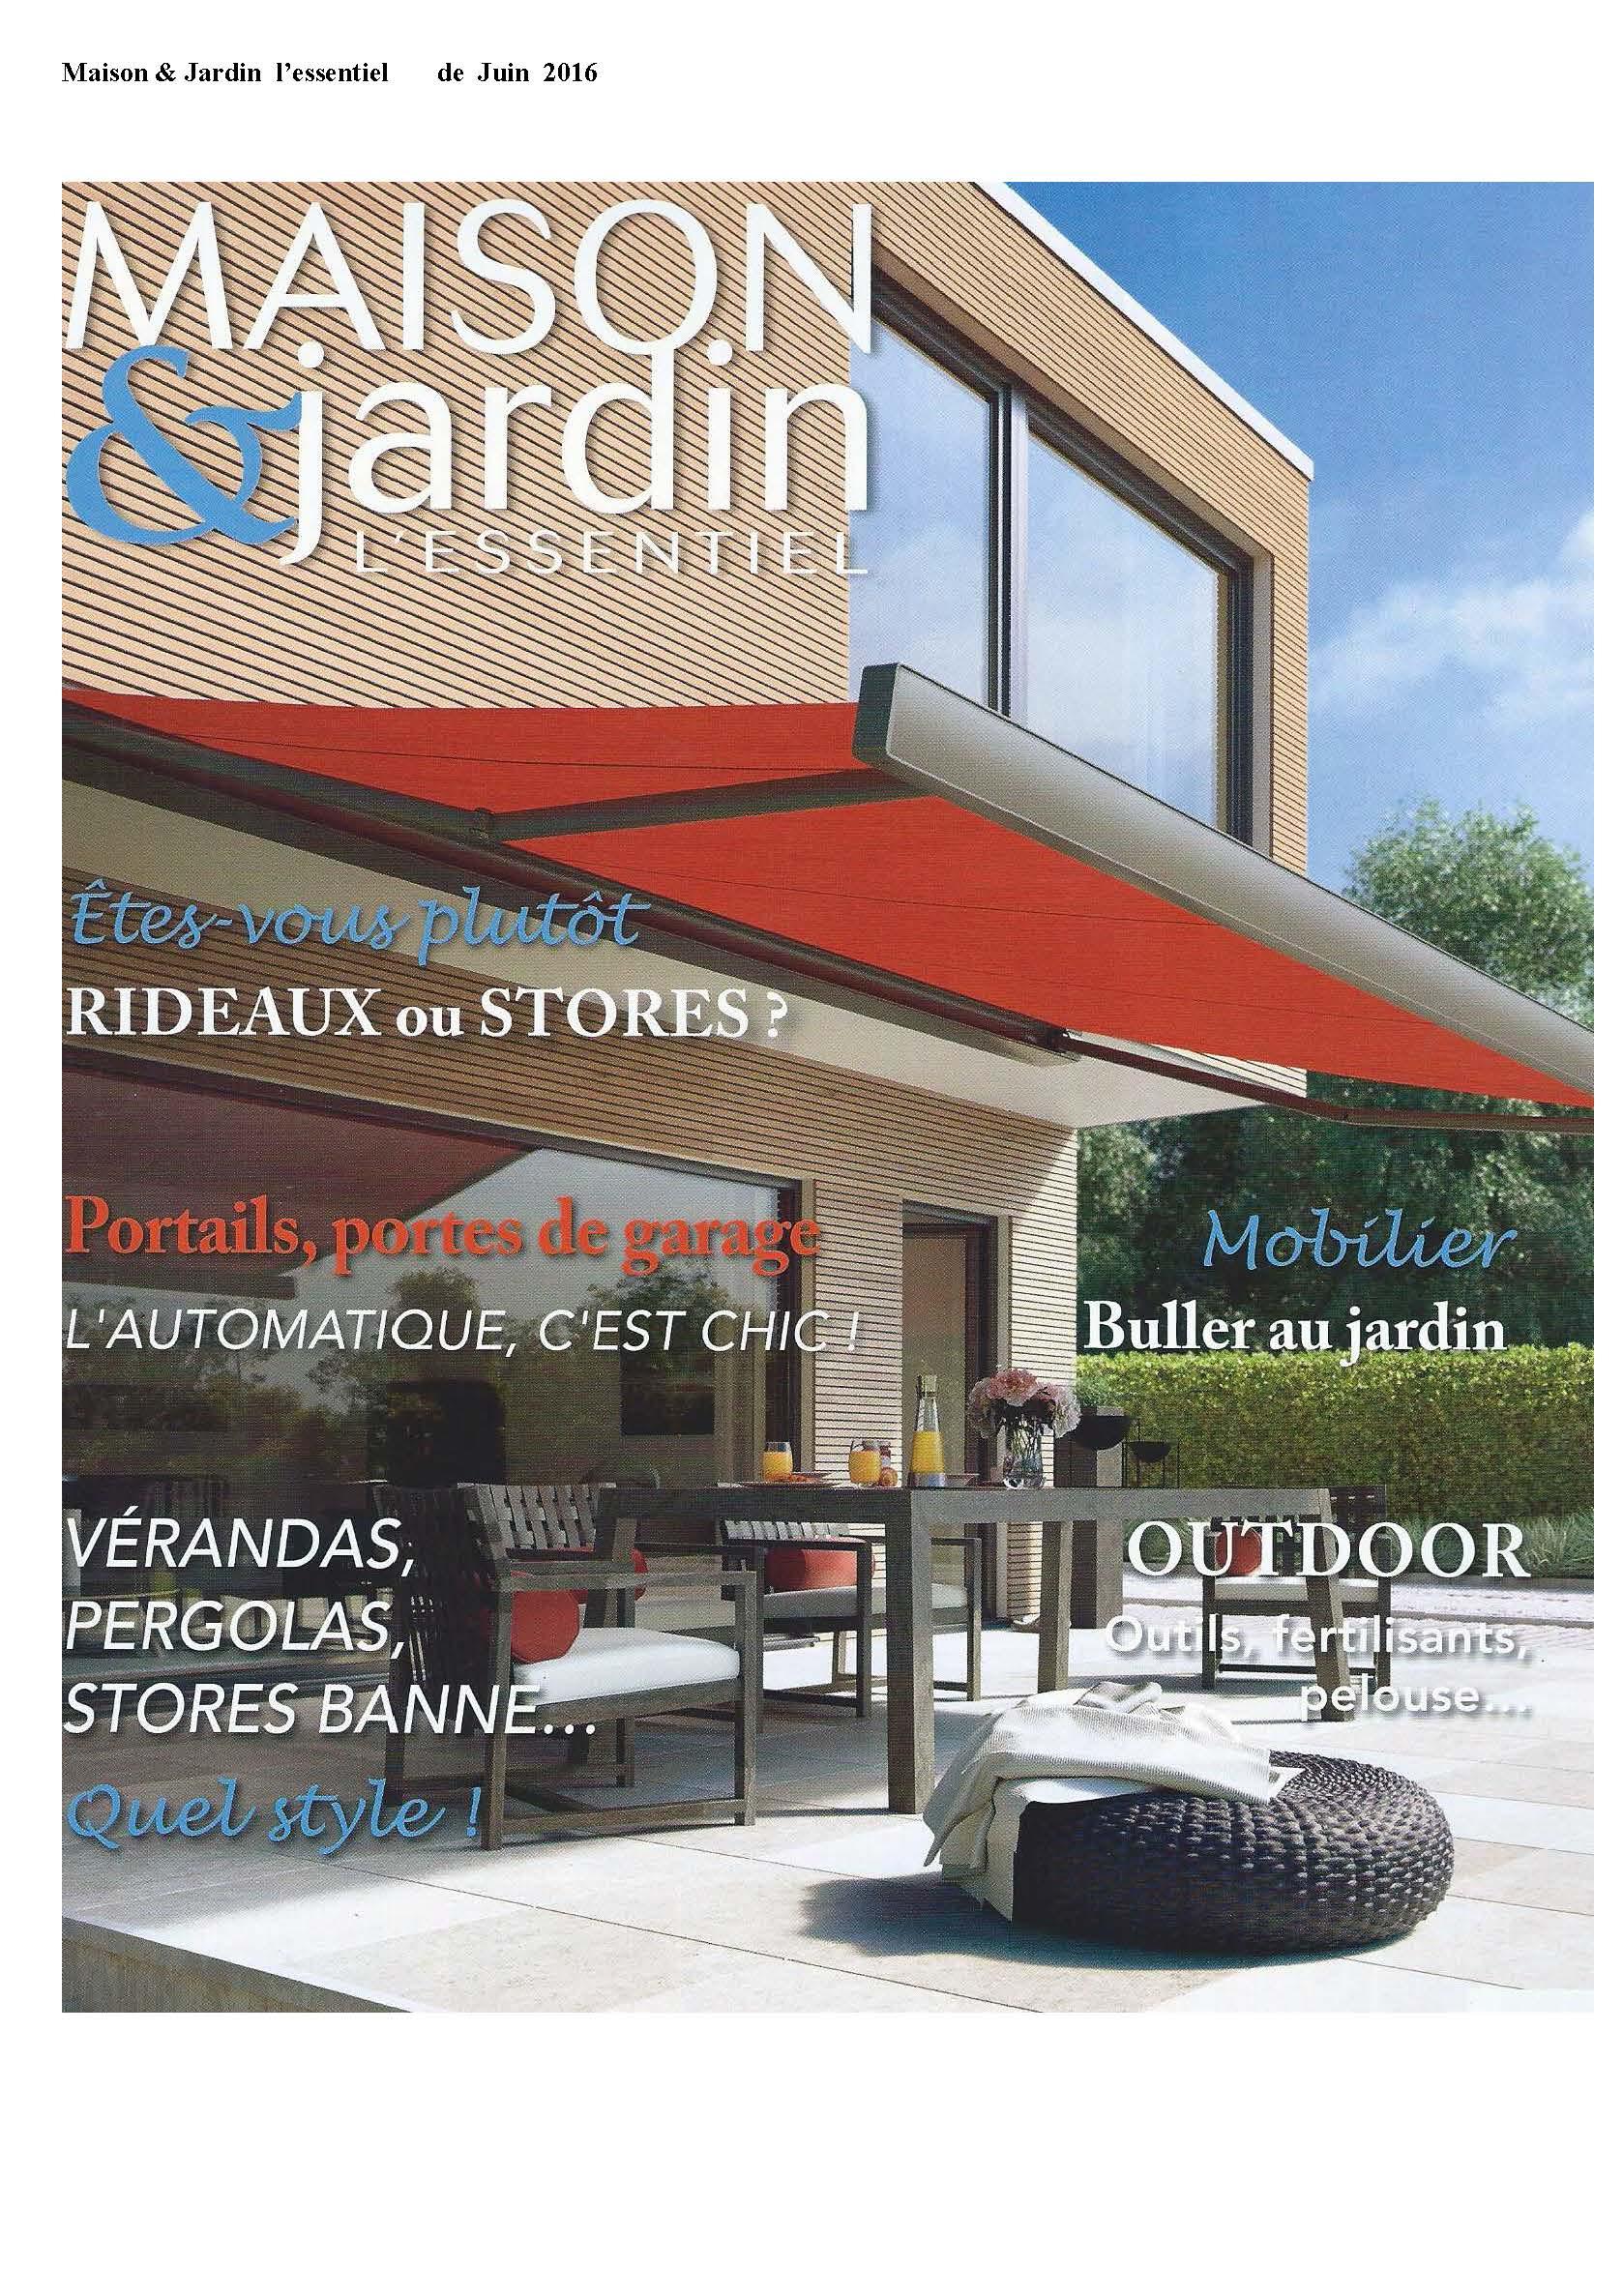 PIB en Maison & jardin junio 2016